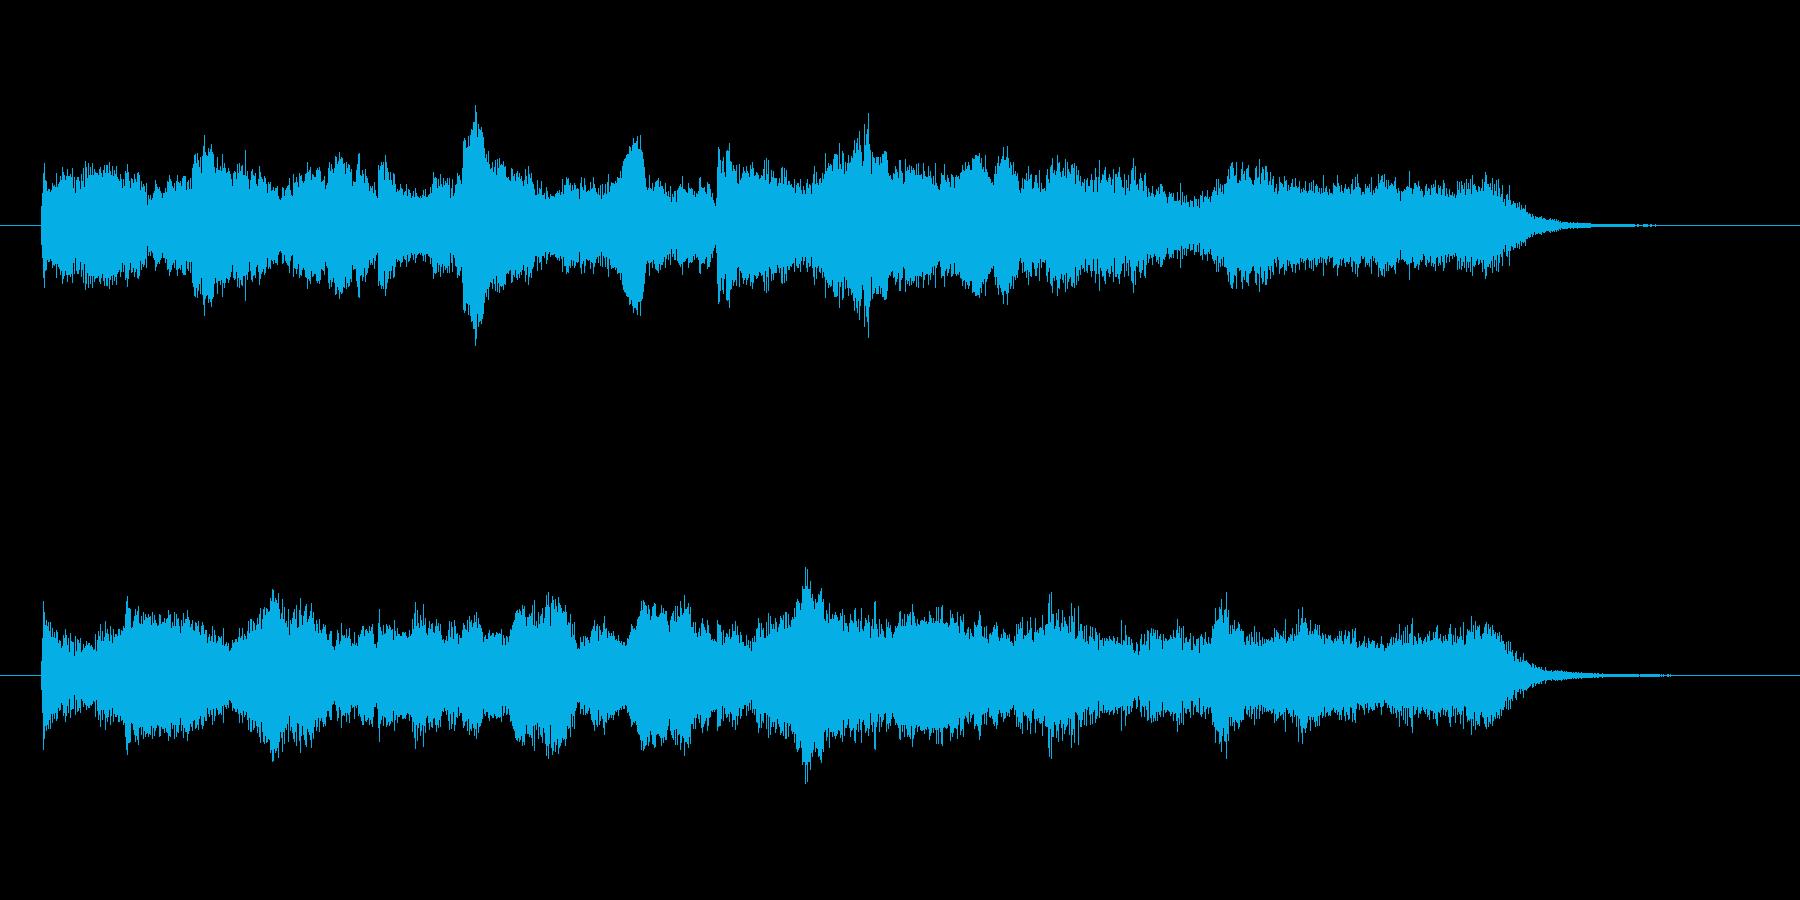 軽くスキップしたくなる様な明るいメロディの再生済みの波形